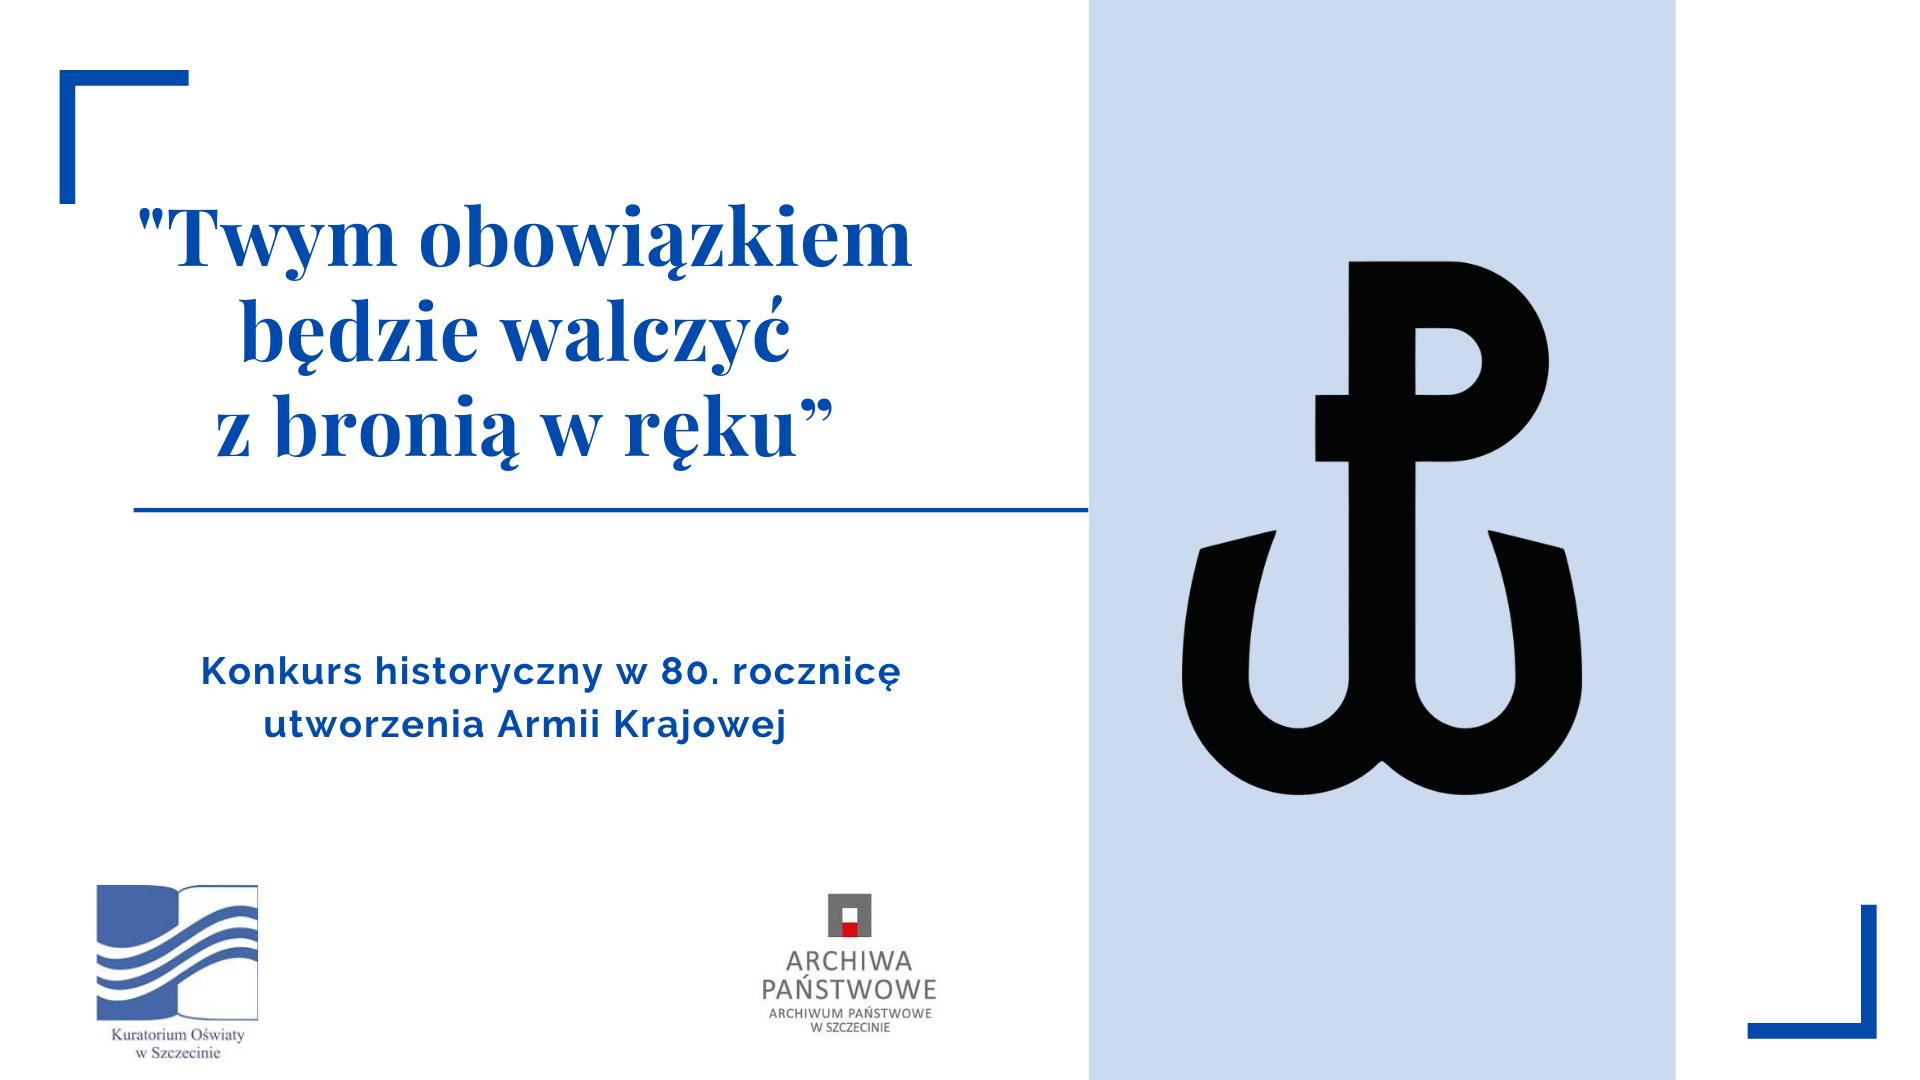 """Na grafice po prawej stronie na niebieskim tle znak-kotwica Polski Walczącej. Po lewej stronie na białym tle niebieski tekst: """"Twym obowiązkiem będzie walczyć z bronią w ręku"""". Konkurs historyczny w 80. rocznicę utworzenia Armii Krajowej. Pod tekstem logotypy kuratorium oraz archiwum."""